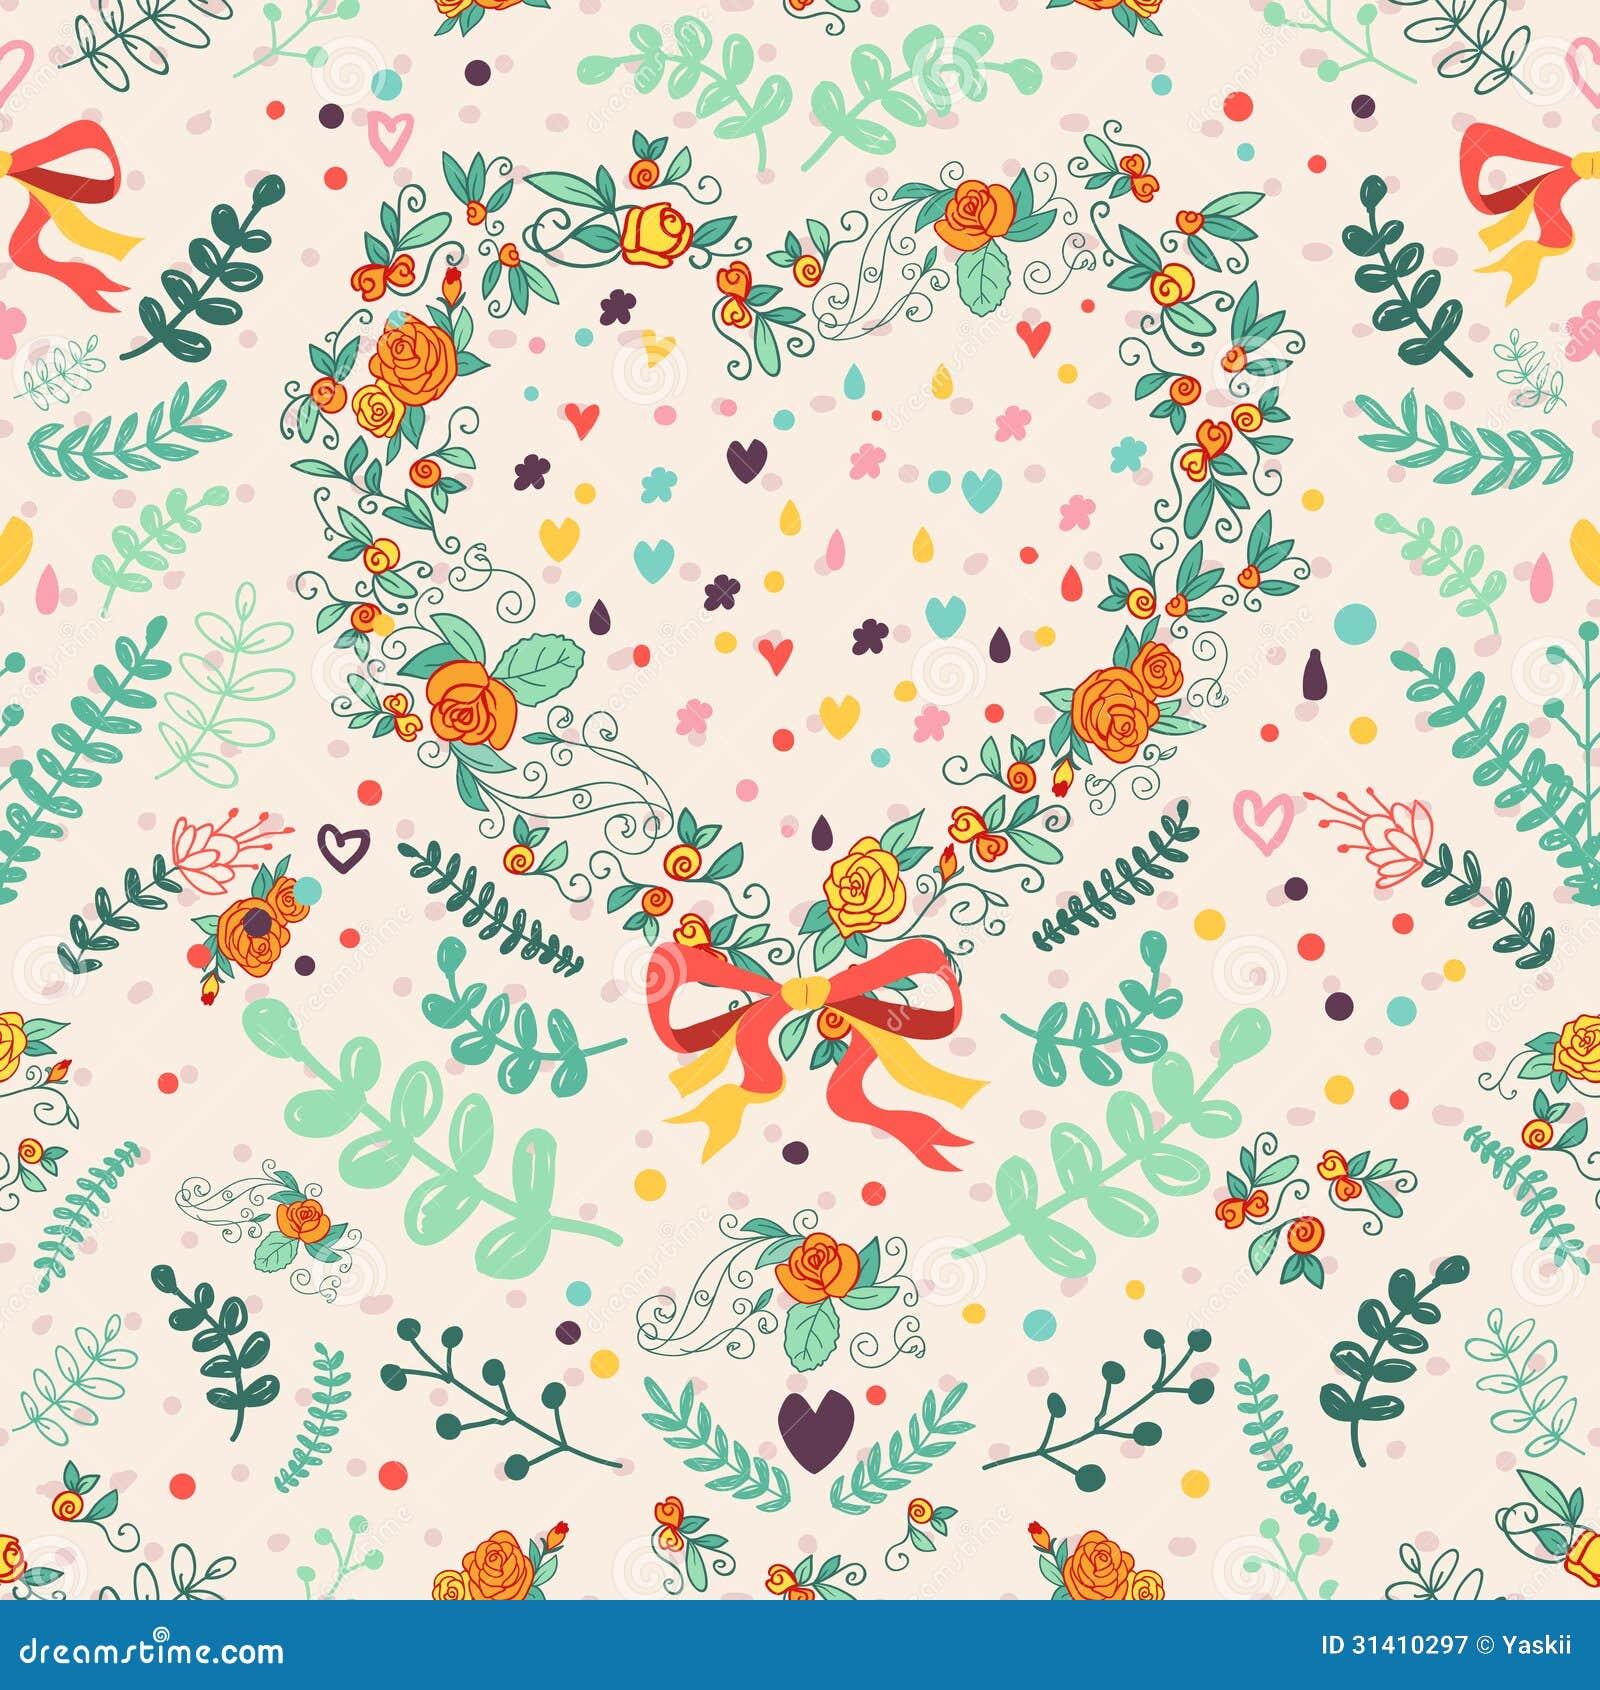 Vintage Pink Roses Tumblr 4K HD Desktop Wallpaper for 4K